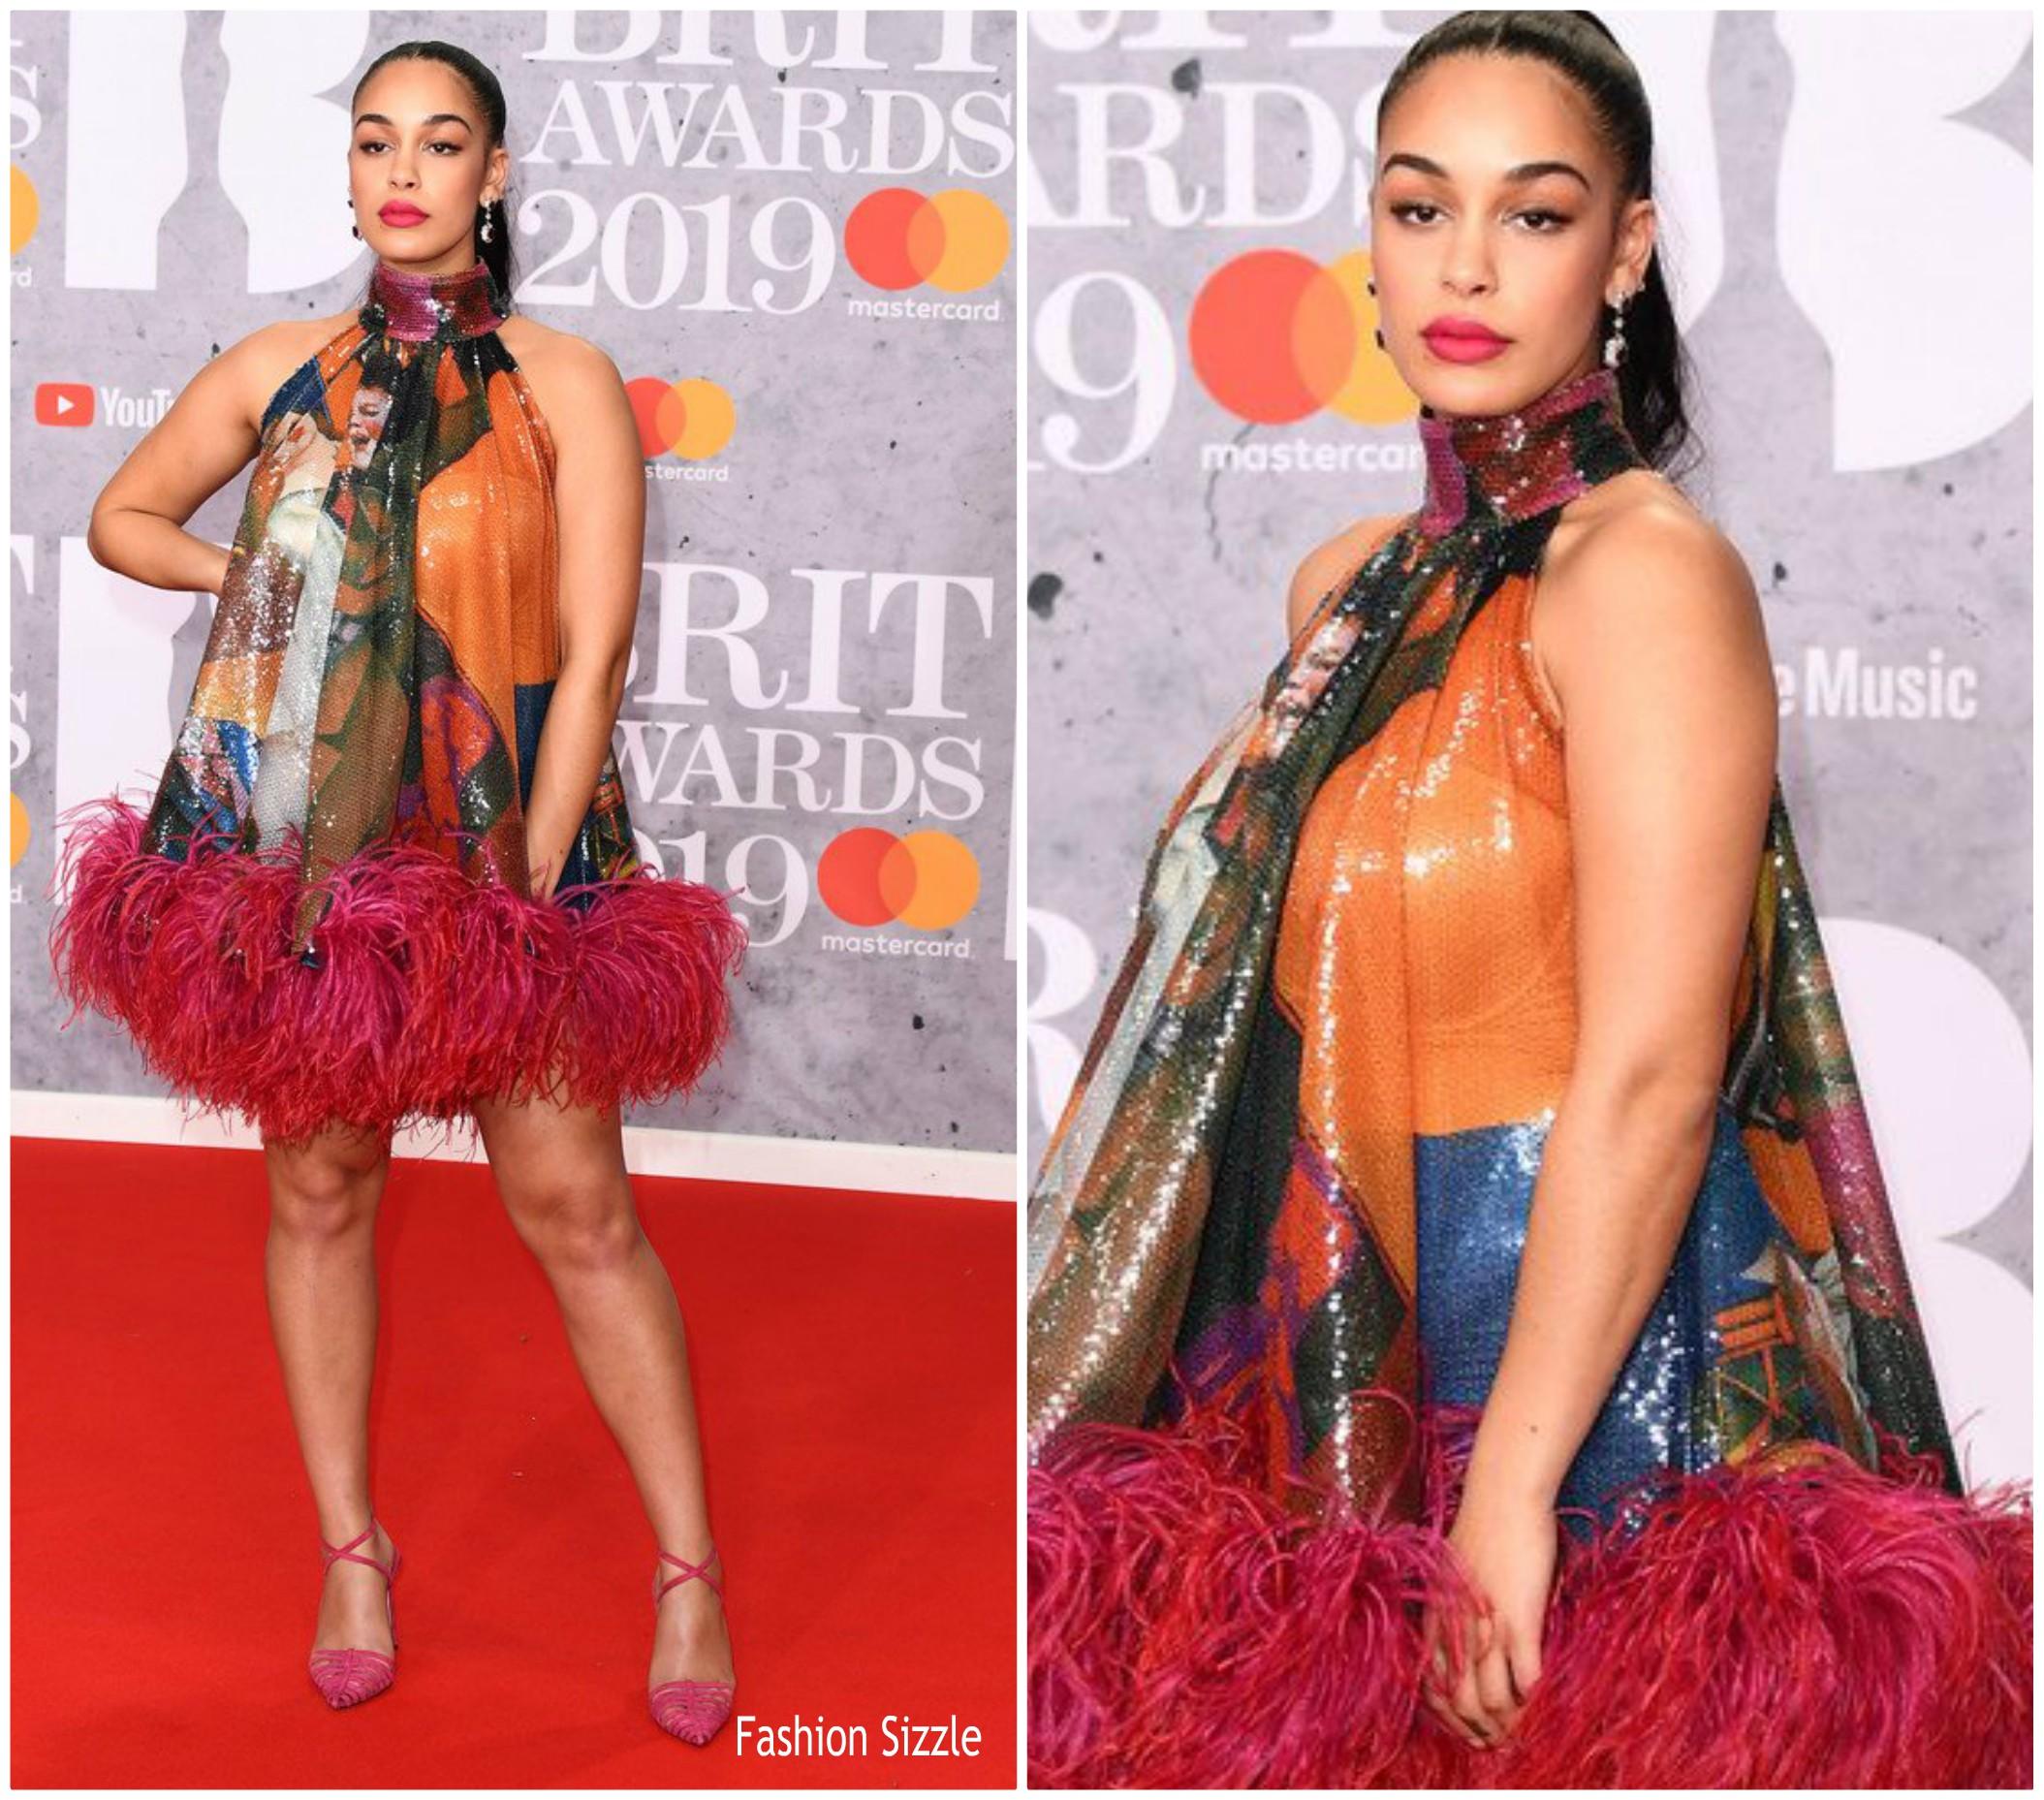 jorja-smith-in-16arlington-the-brit-awards-2019